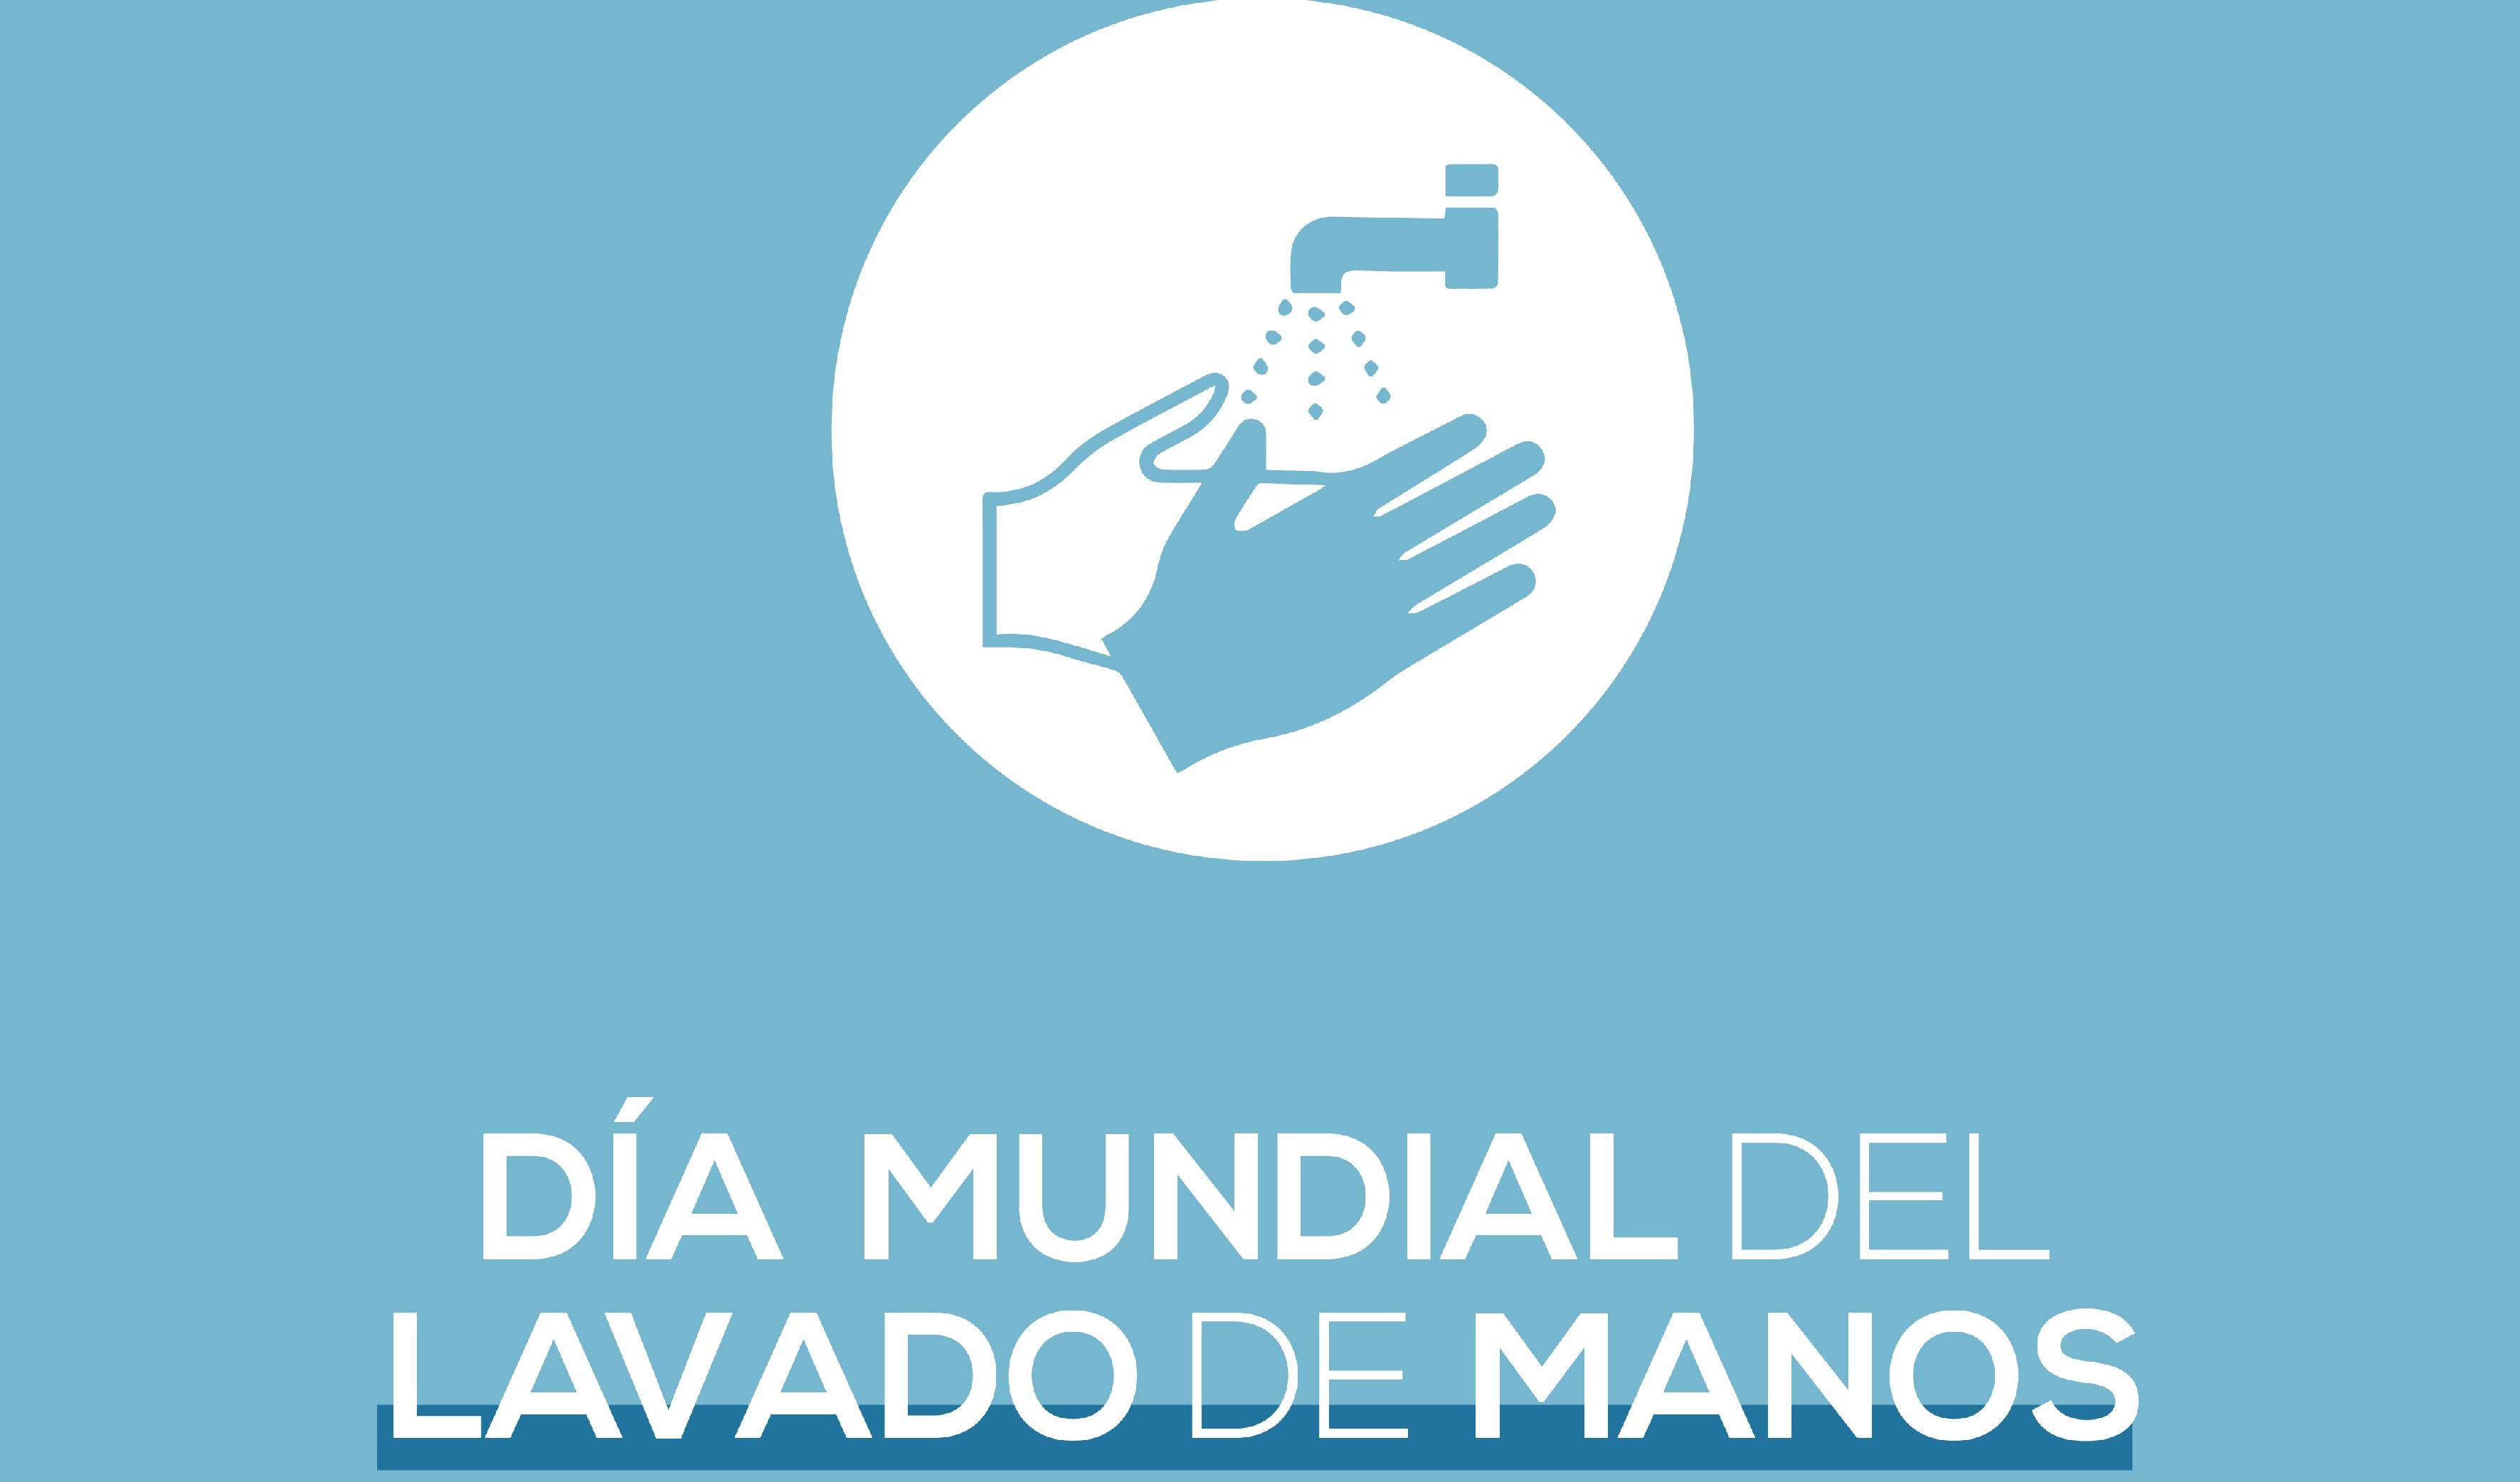 Hoy se celebra el Día Mundial del Lavado de Manos